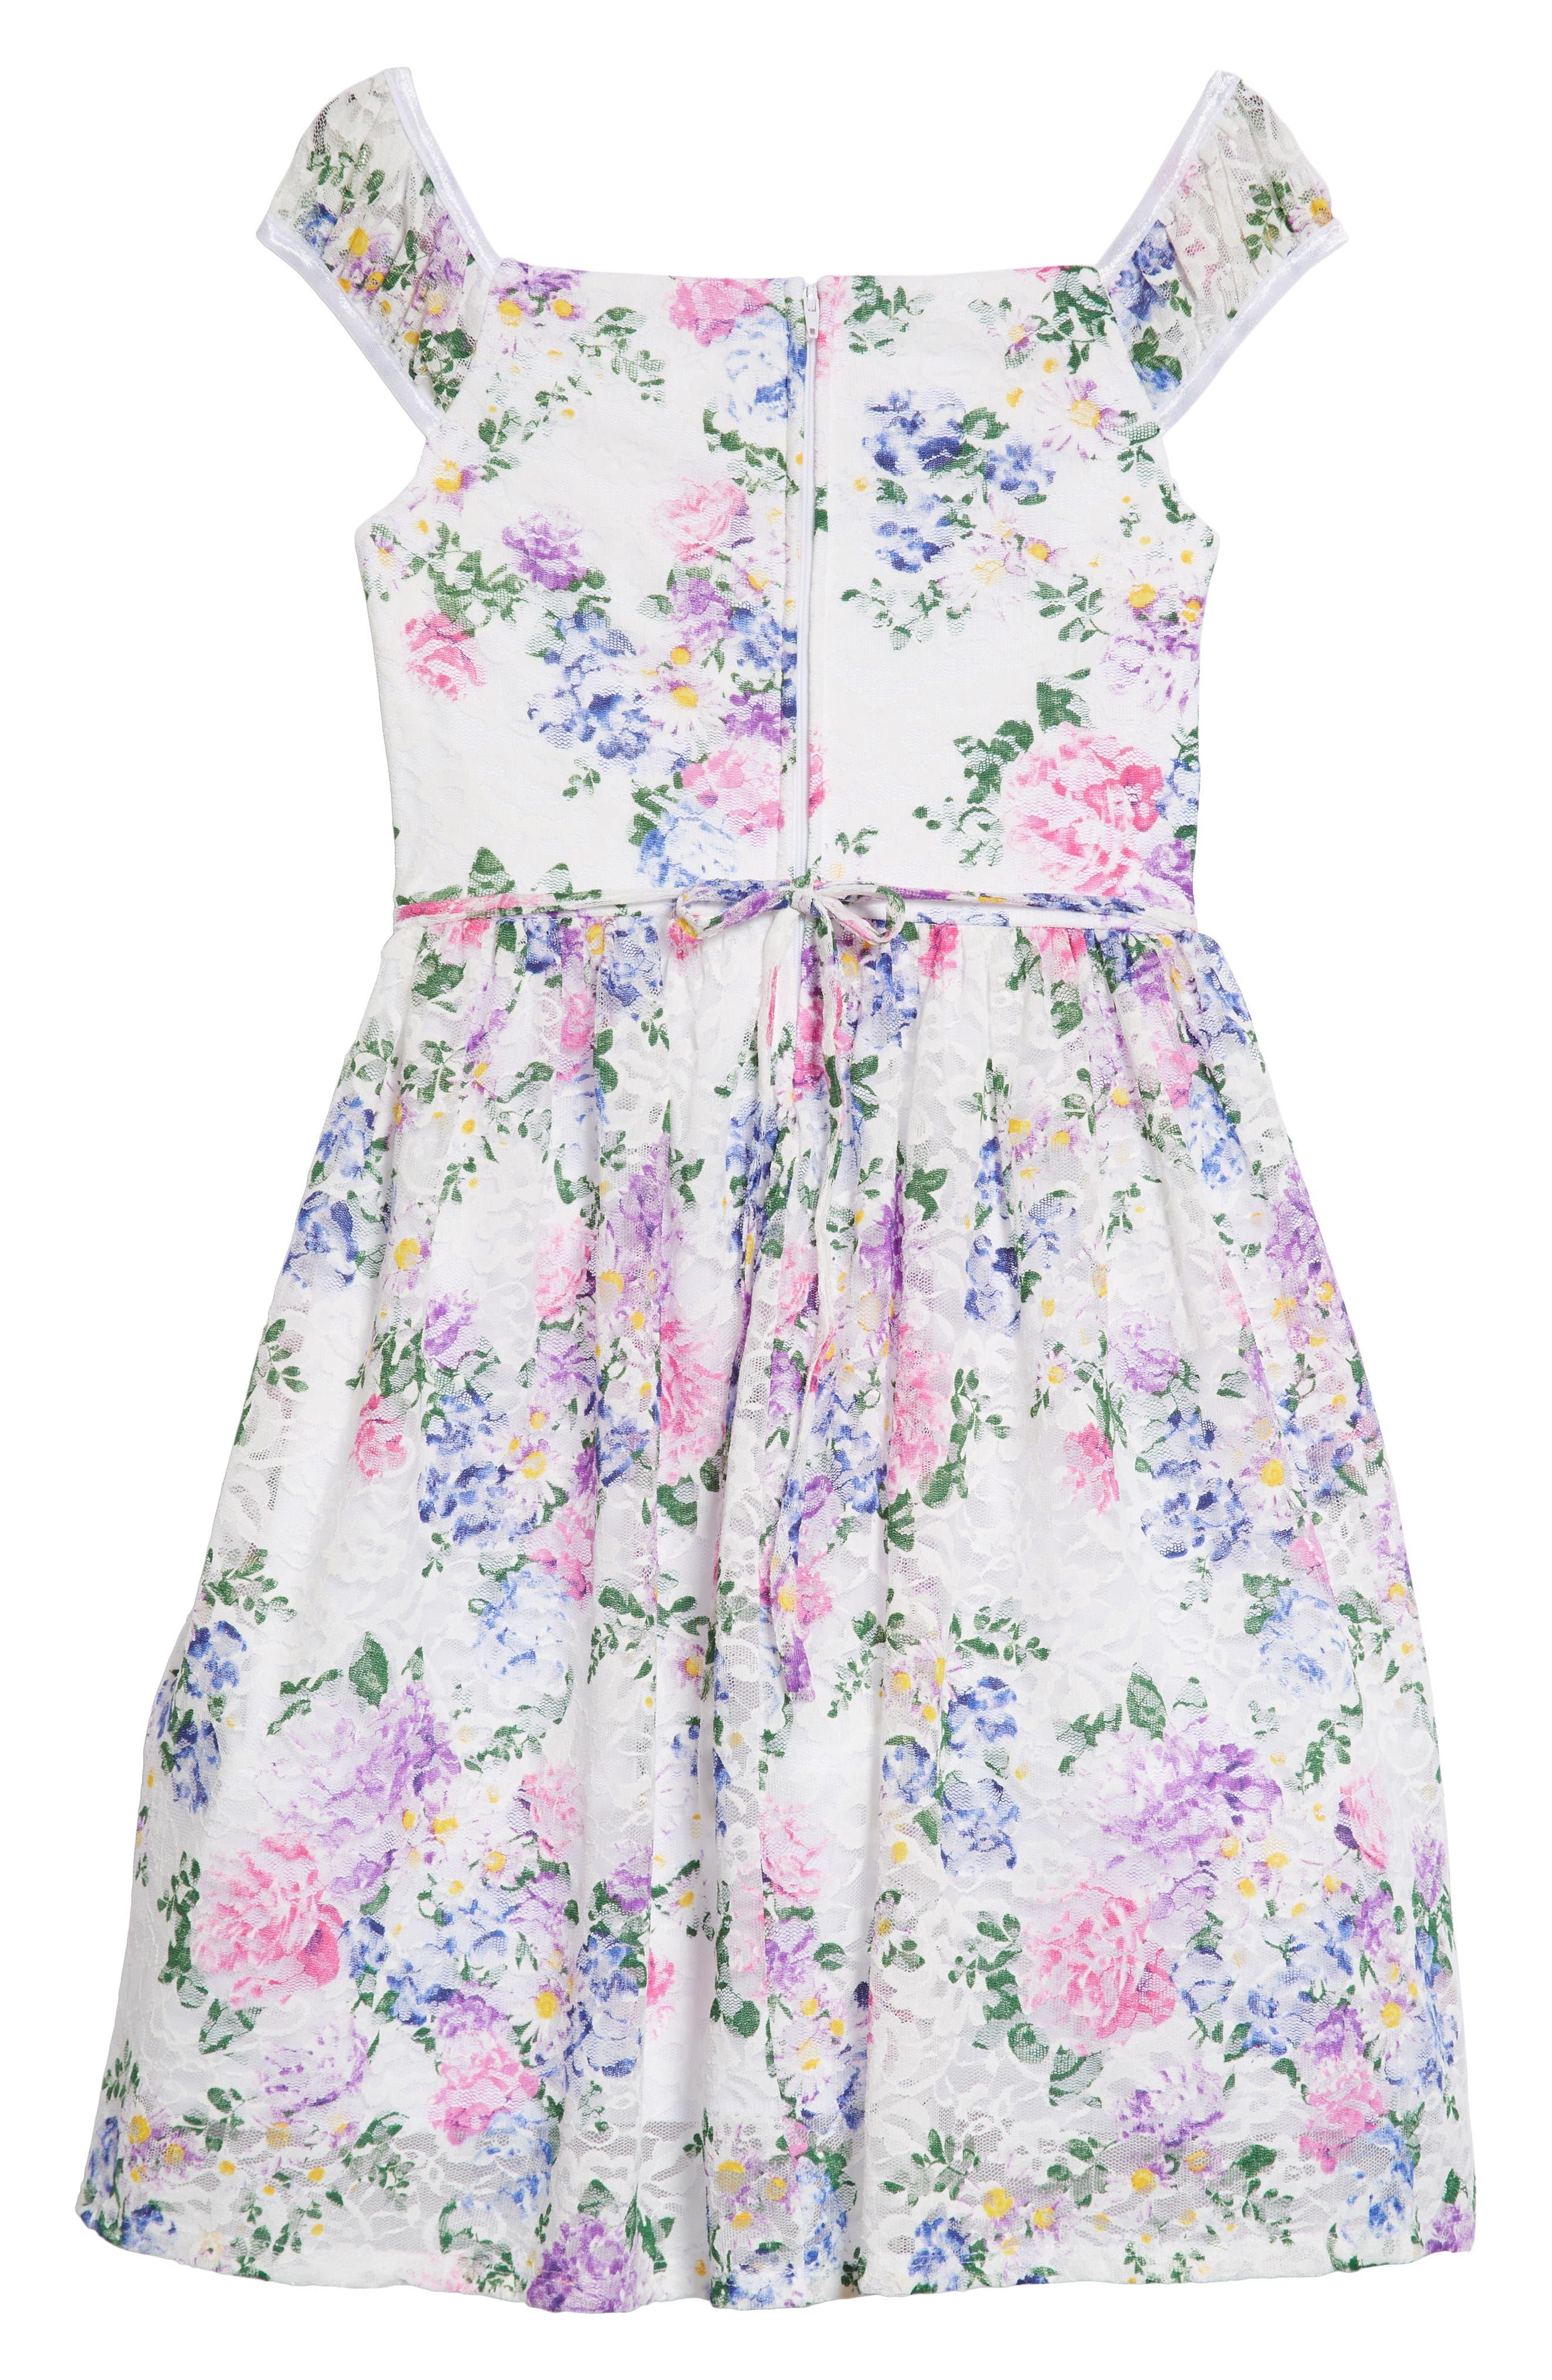 Floral Lace Dress,                             Alternate thumbnail 2, color,                             White/ Lavendar